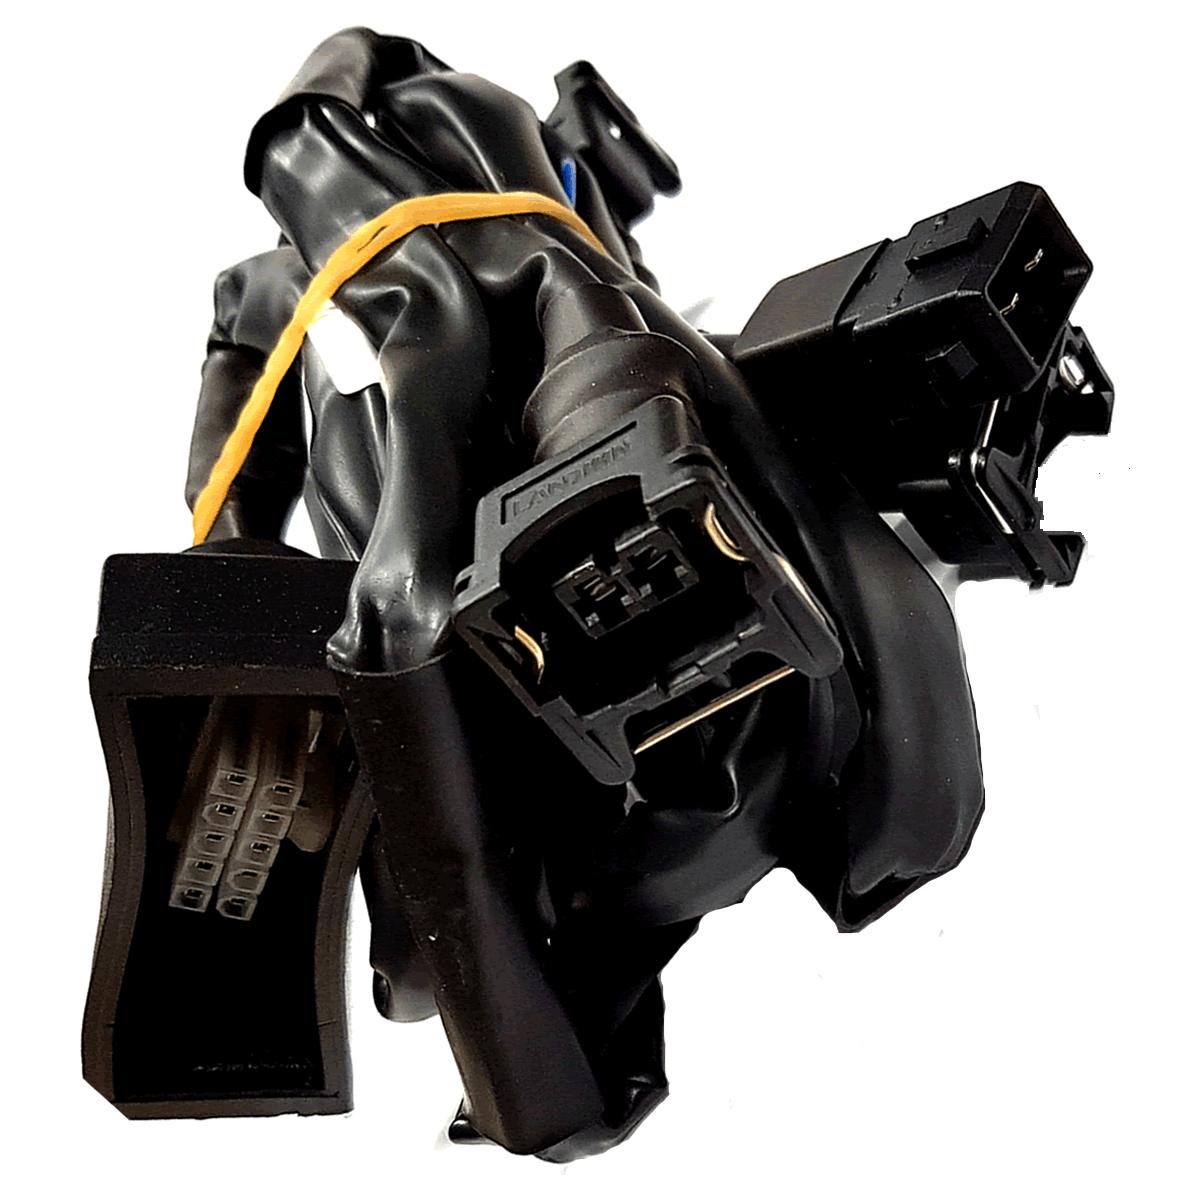 Chicote do Emulador de 4 Bicos e Simulador de Sonda TURY T53A